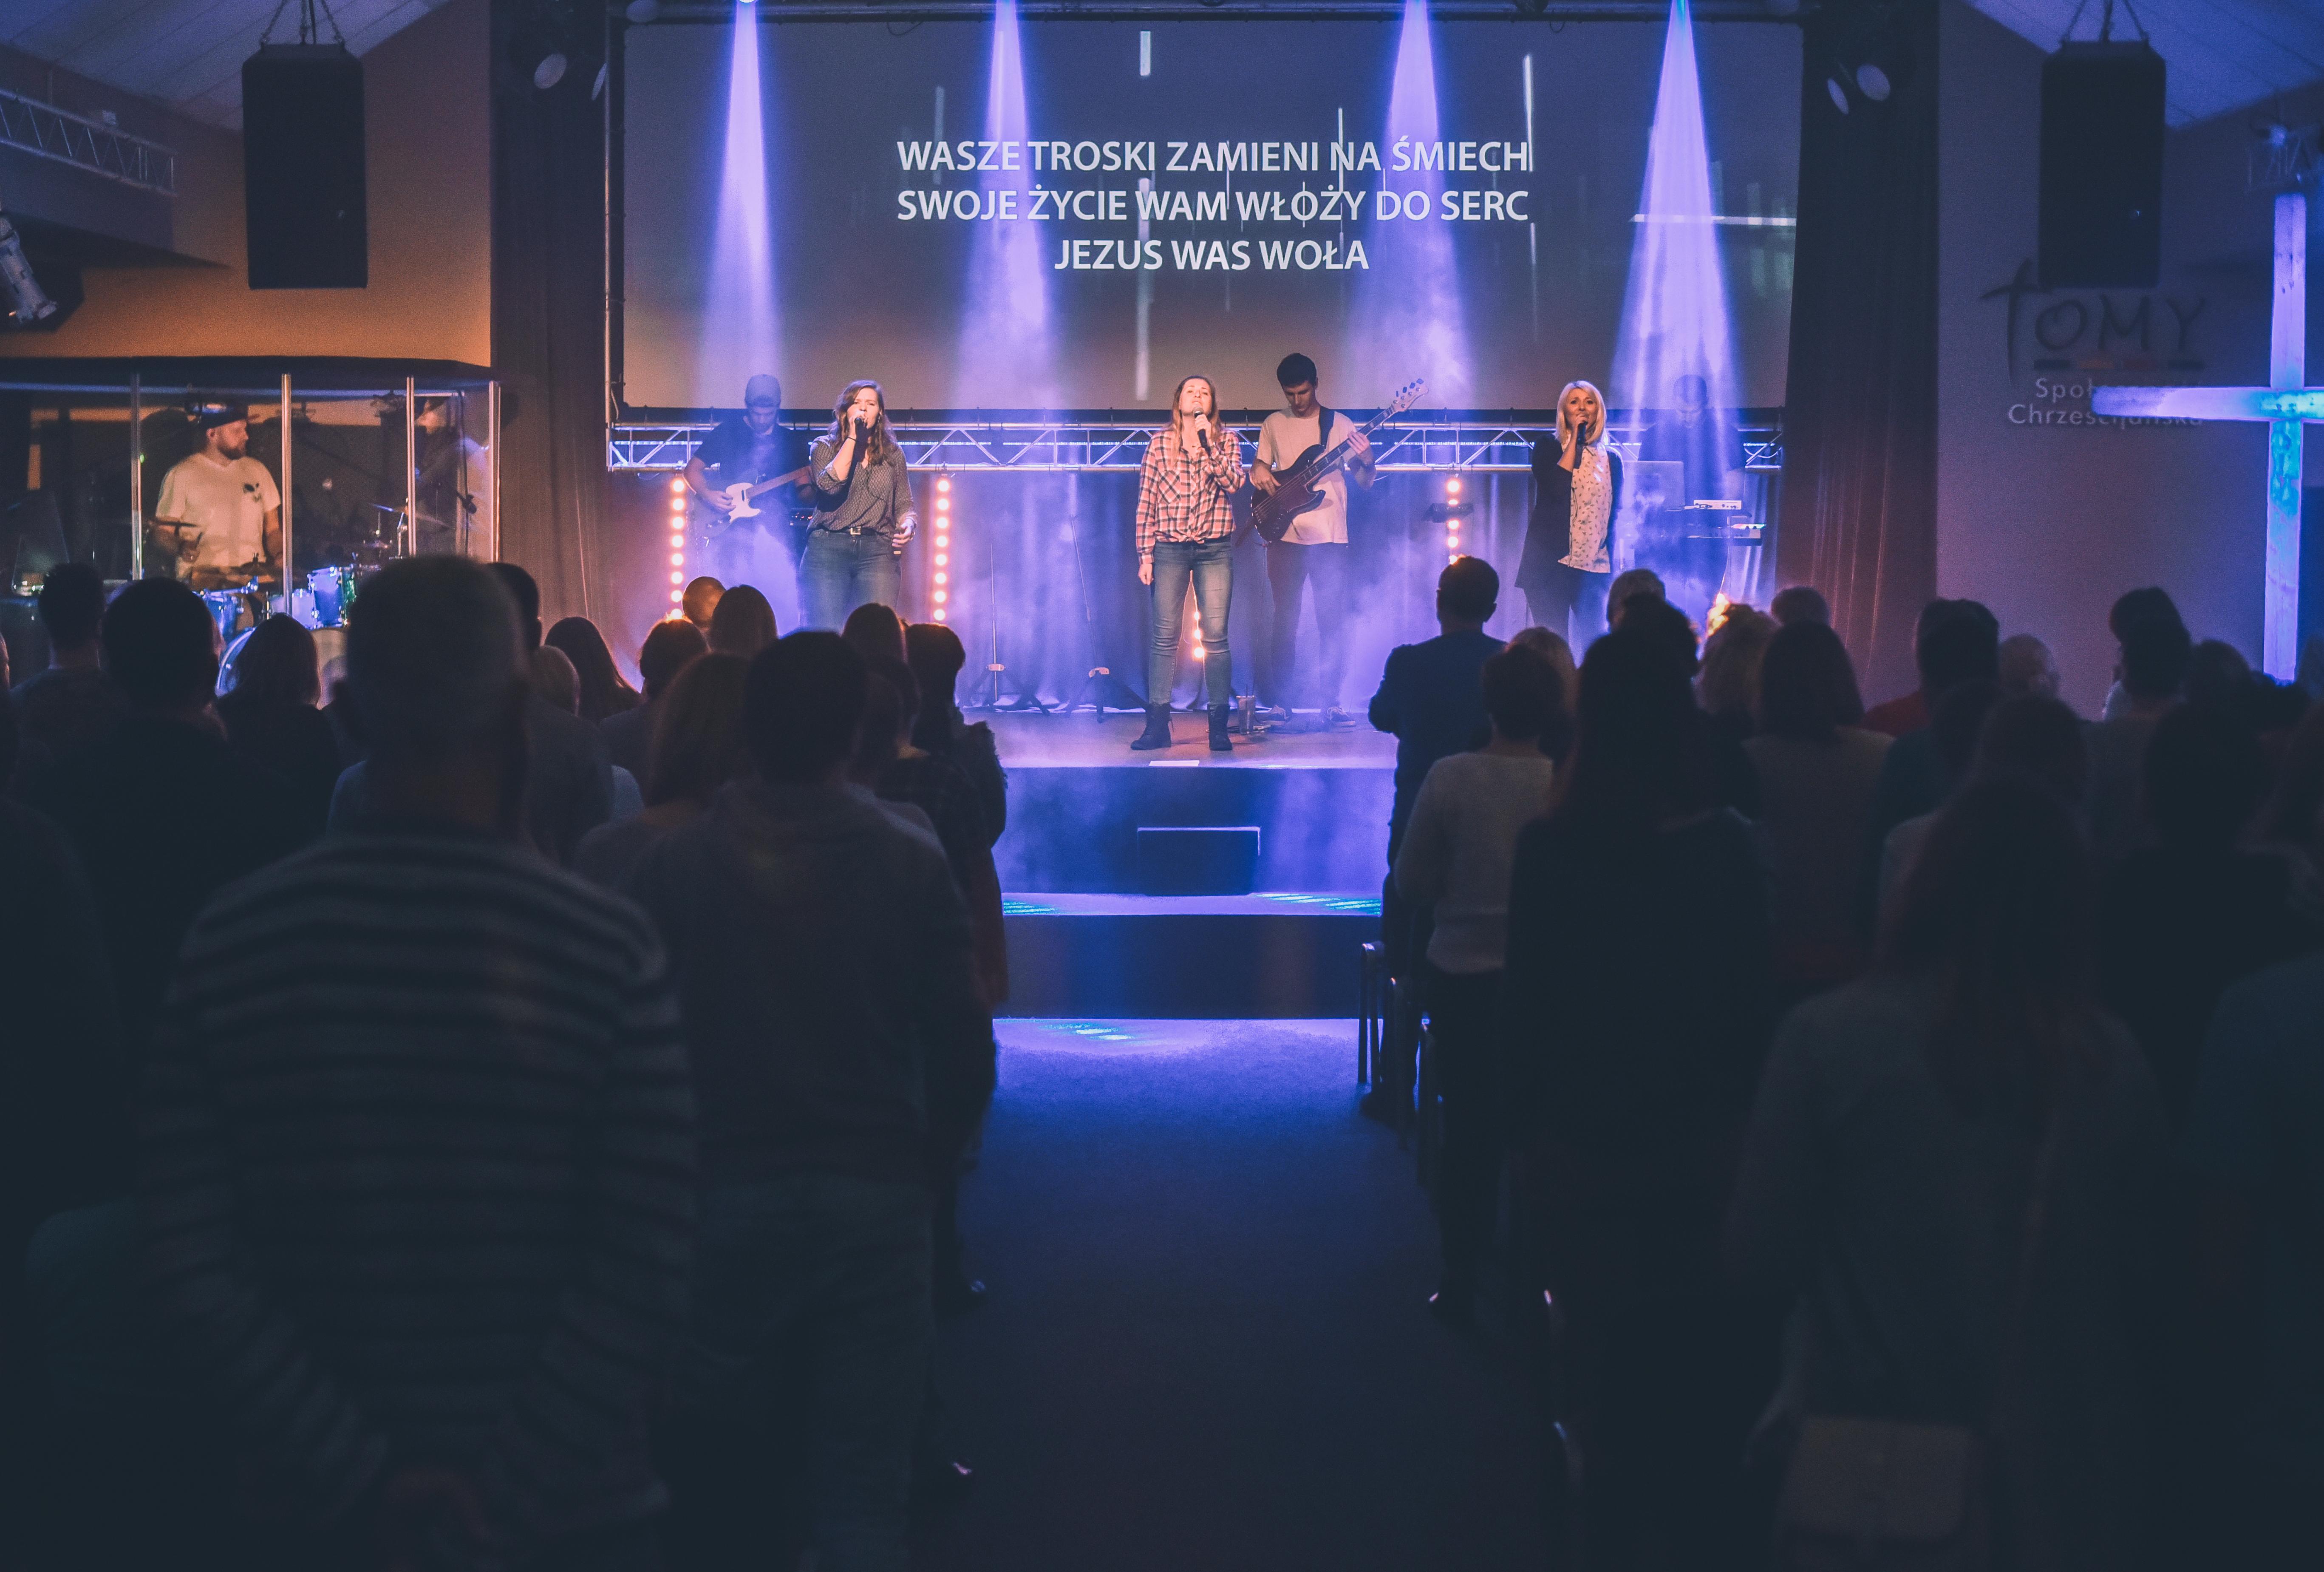 PRAYER AND WORSHIP NIGHTS